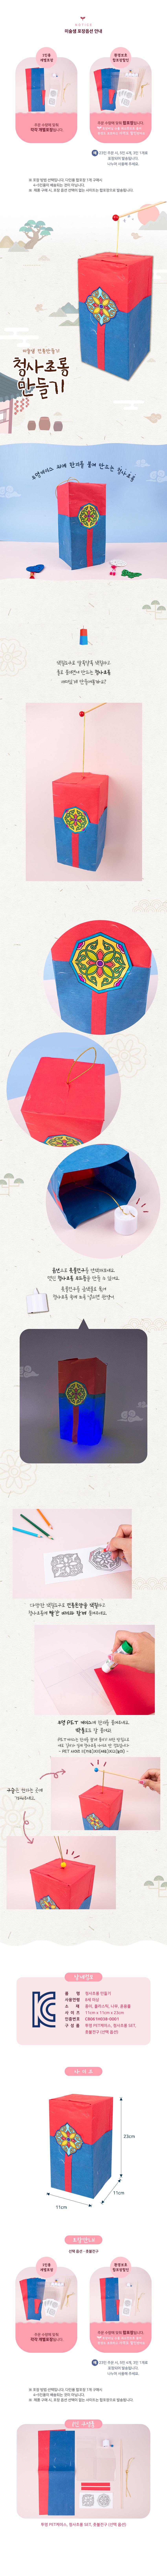 청사초롱 만들기 _청사초롱만 - 미술샘, 1,800원, 종이공예/북아트, 종이공예 패키지